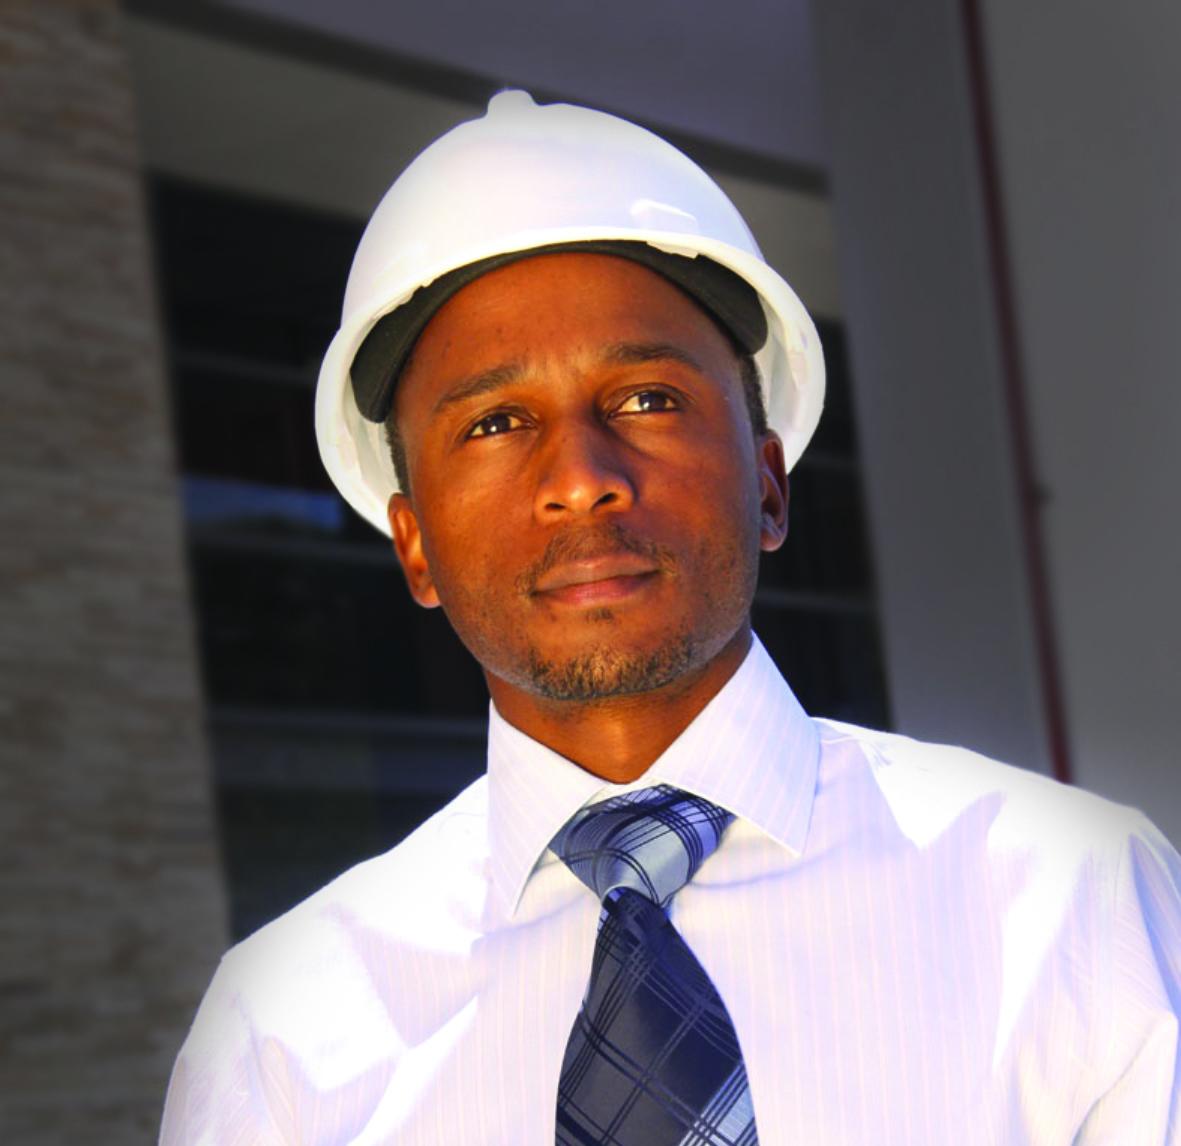 Mr Tafadzwa Mukwena